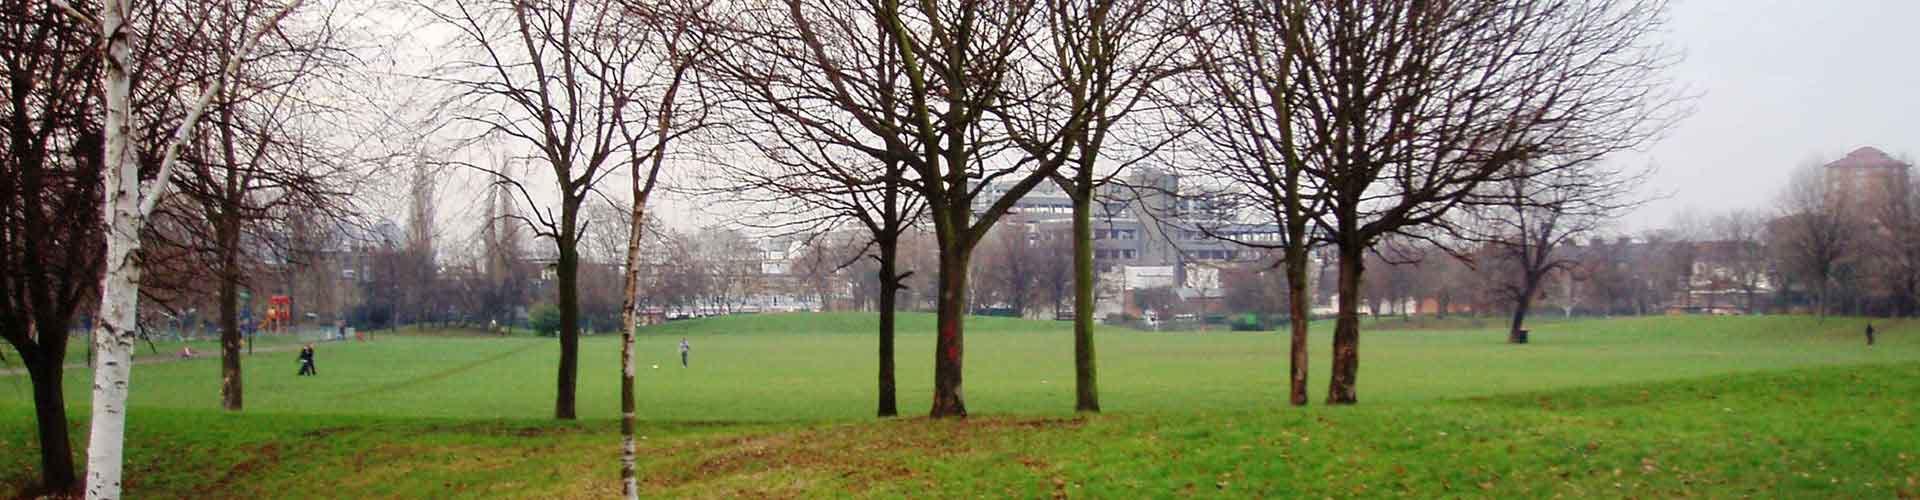 Londres - Albergues Juveniles en el distrito Municipio de Lambeth . Mapas de Londres, Fotos y Comentarios para cada Albergue Juvenil en Londres.